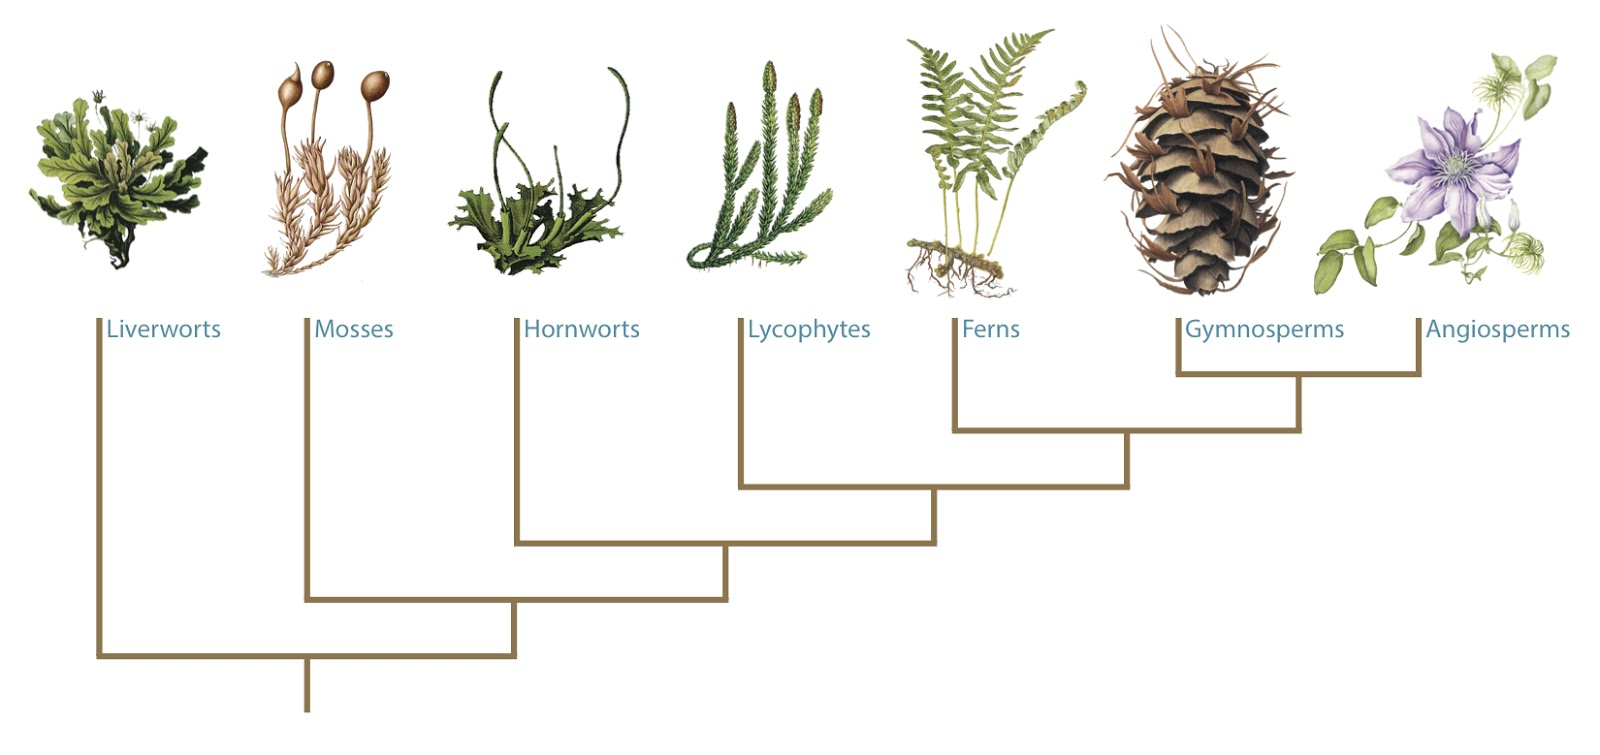 Quá trình tiến hóa ở thực vật